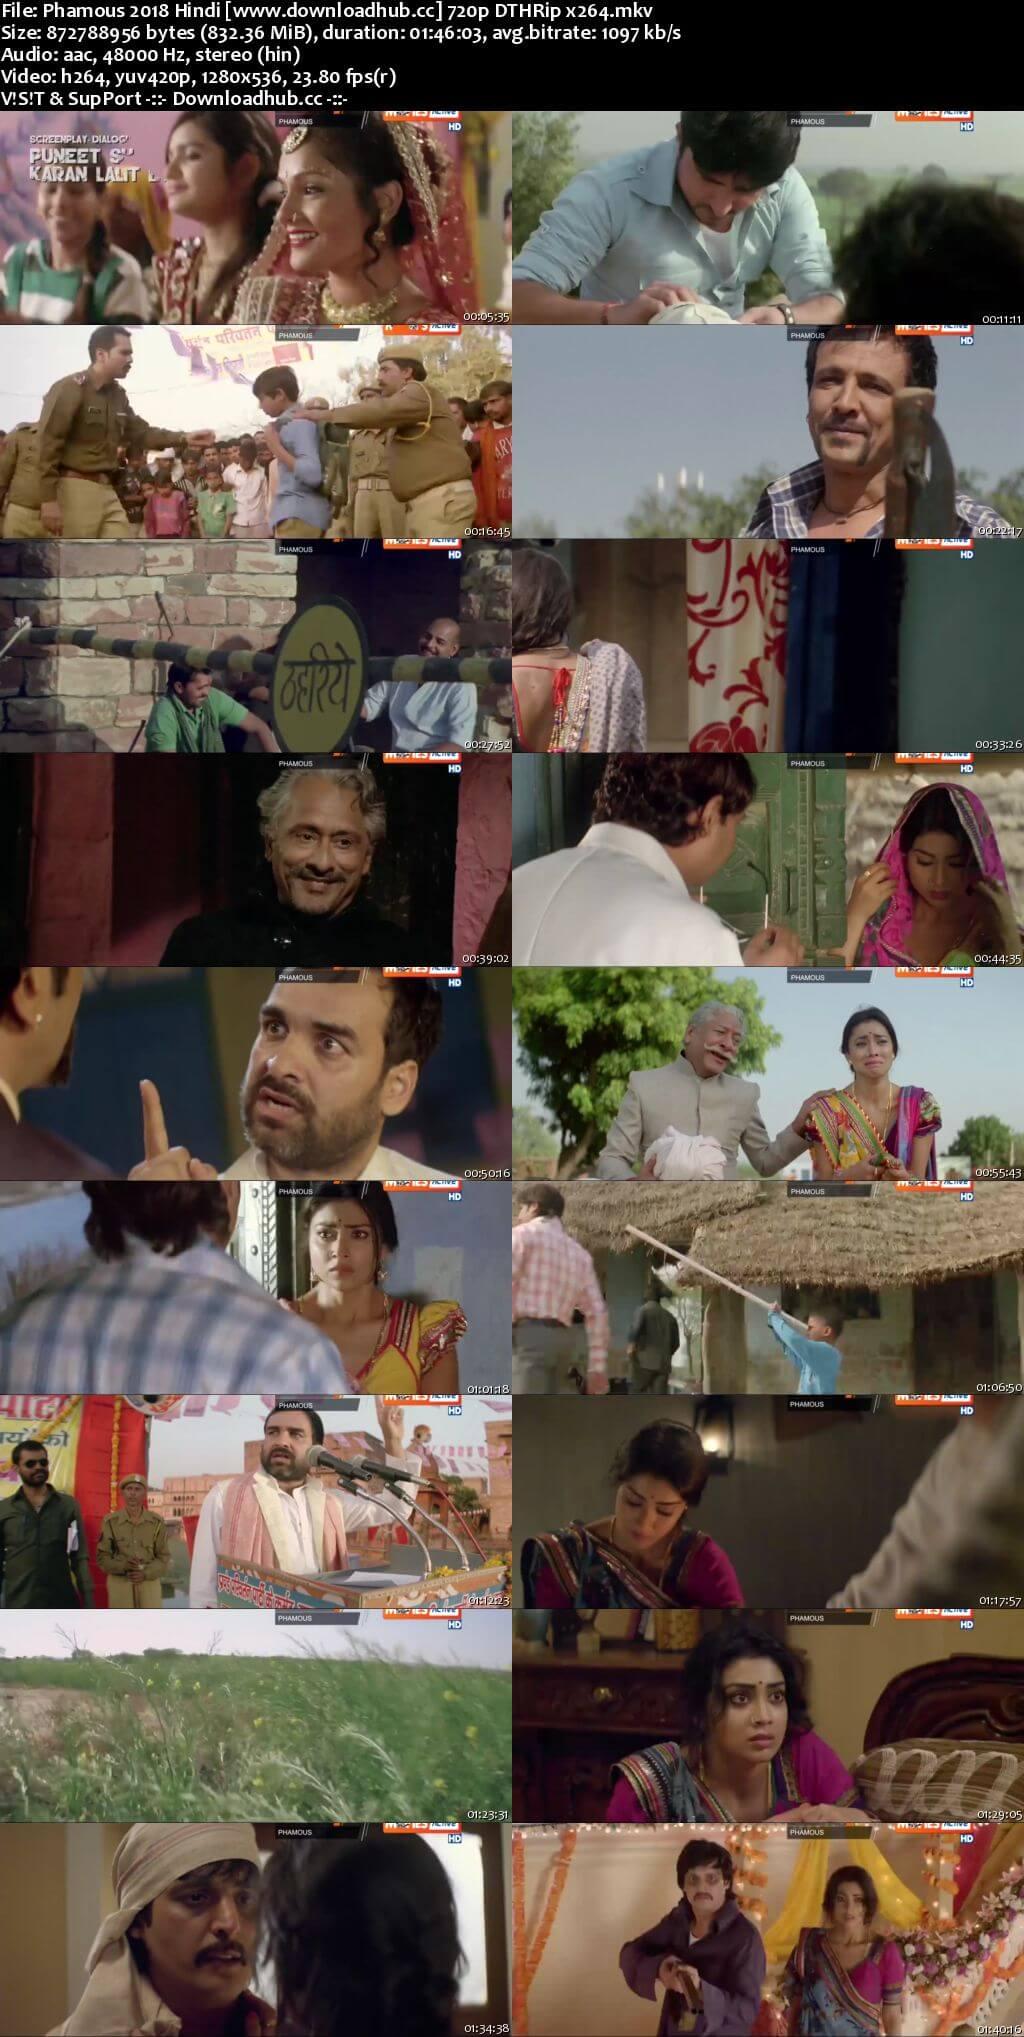 Phamous 2018 Hindi 720p DTHRip